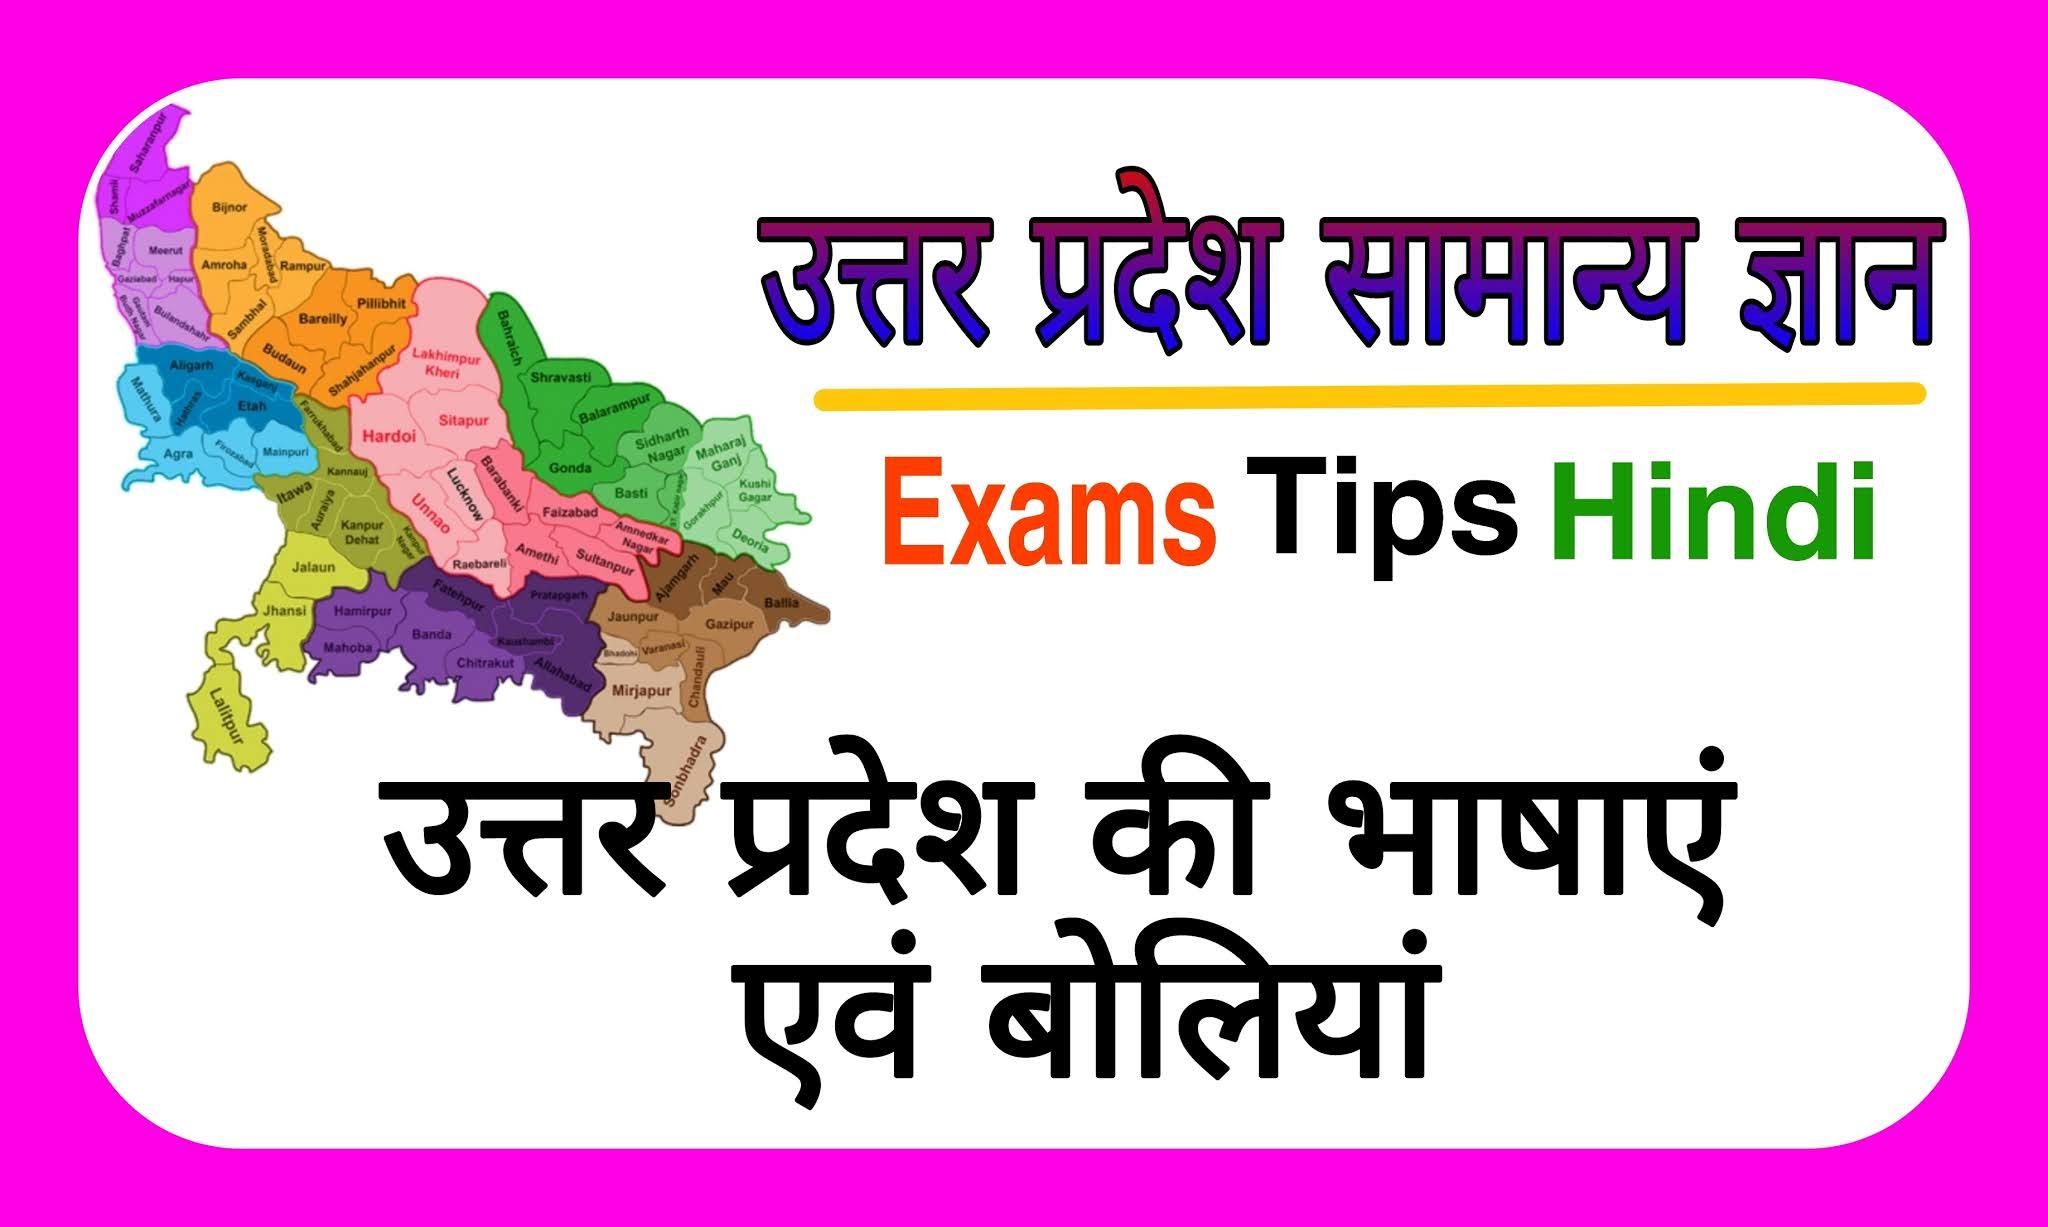 उत्तर प्रदेश GK, उत्तर प्रदेश की भाषाएं, UP Languages GK in Hindi, UP Languages related gk in hindi, UP GK in Hindi, Uttar Pradesh ki Bhasha , UP ki Jankari